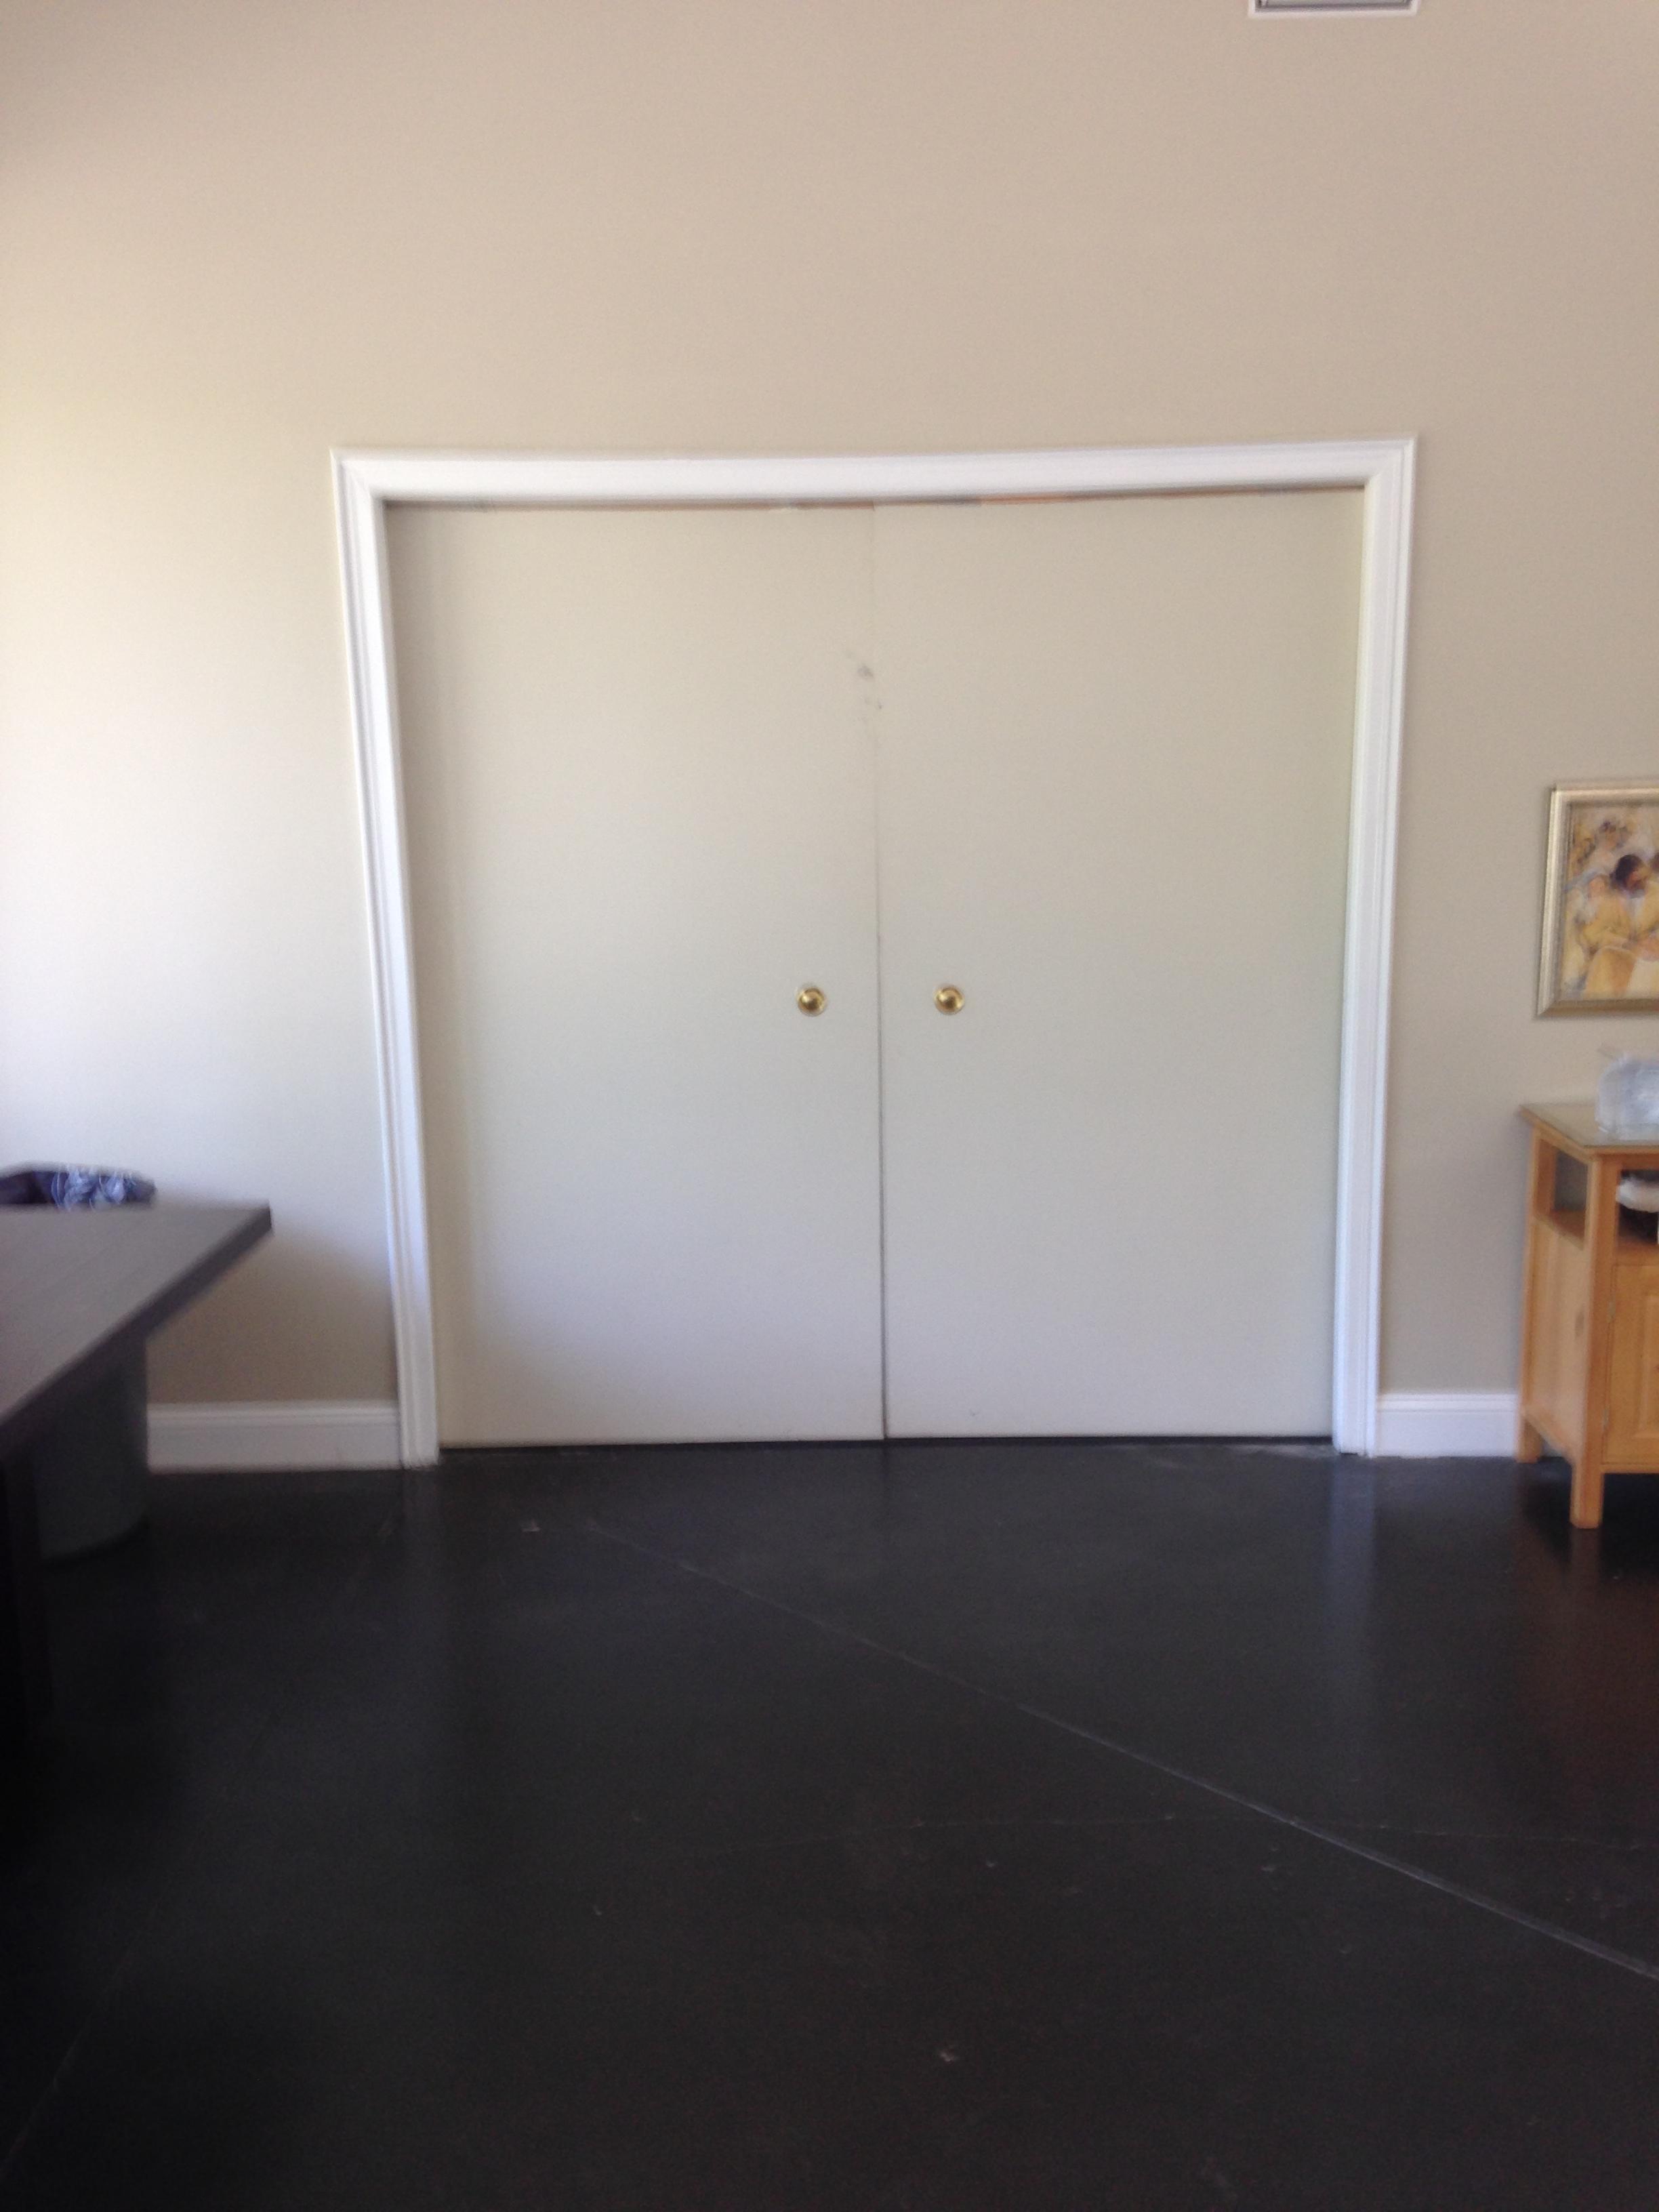 Closet doors pre renovation